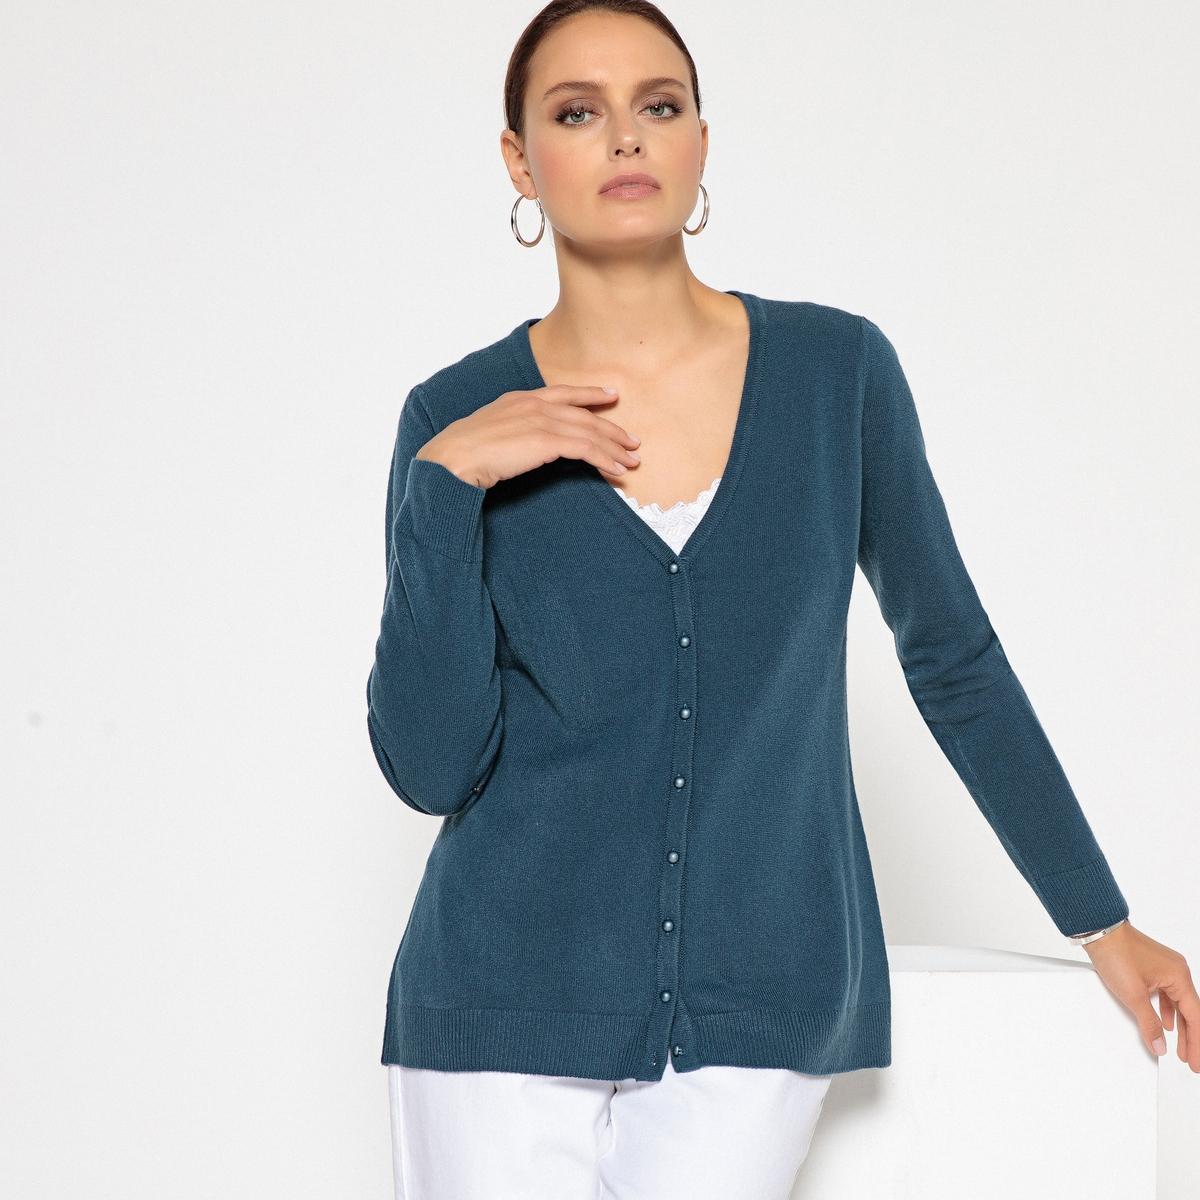 Sweter rozpinany z dekoltem w serek, kaszmirowy w dotyku